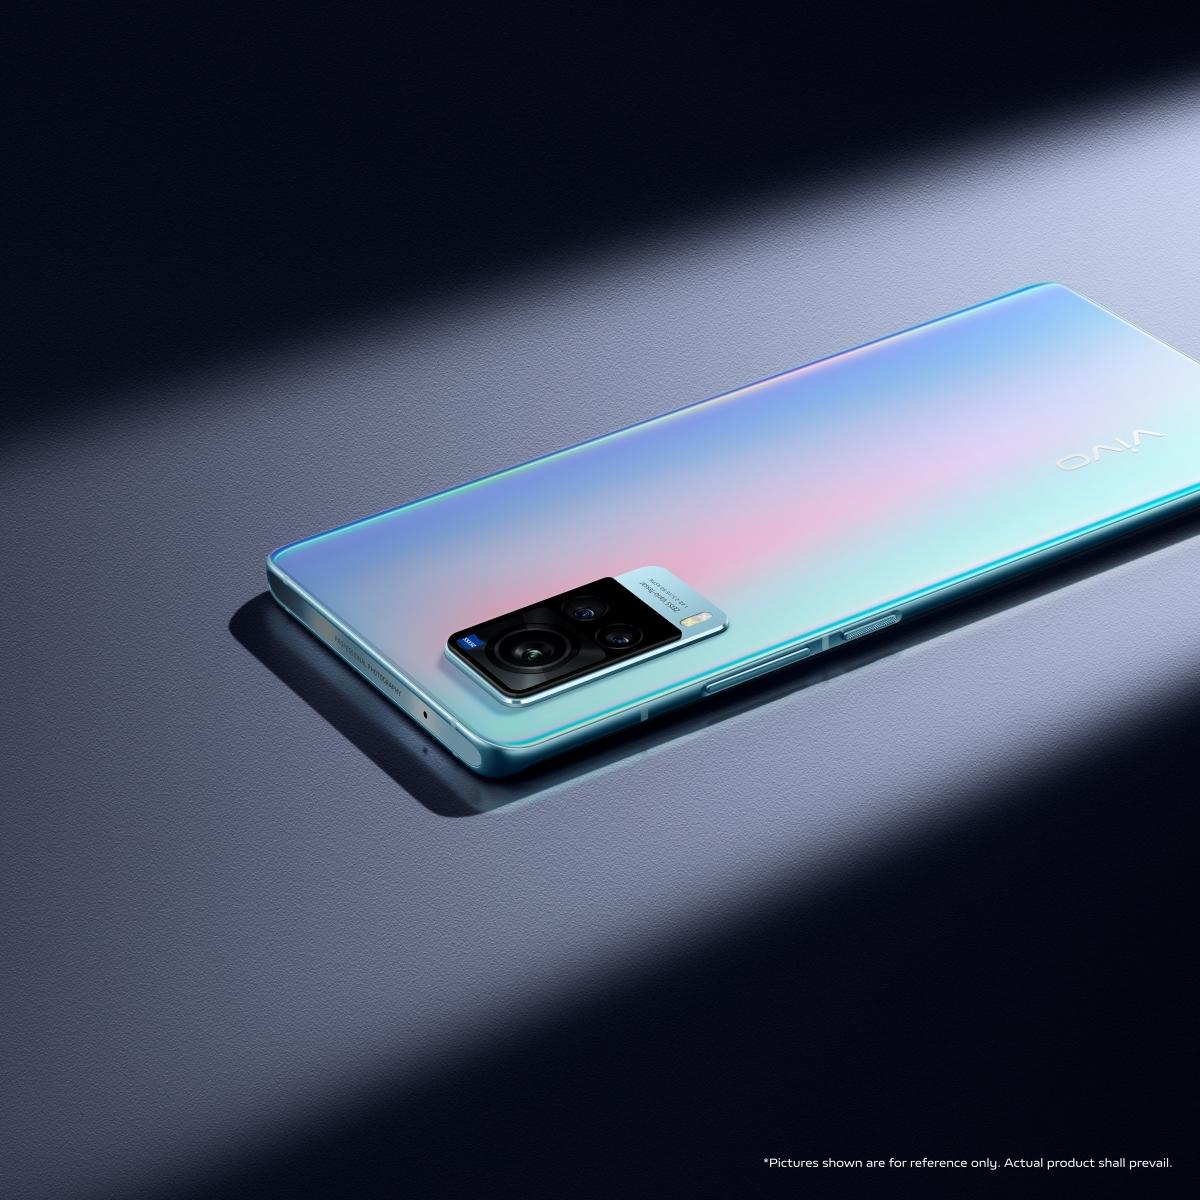 Vivo X60 Pro สมาร์ตโฟนตัวท็อปที่หลายคนรอคอย มาพร้อมกล้องที่พัฒนาร่วมกับ ZEISS จ่อเปิดตัวอย่างเป็นทางการในไทยเร็วๆ นี้